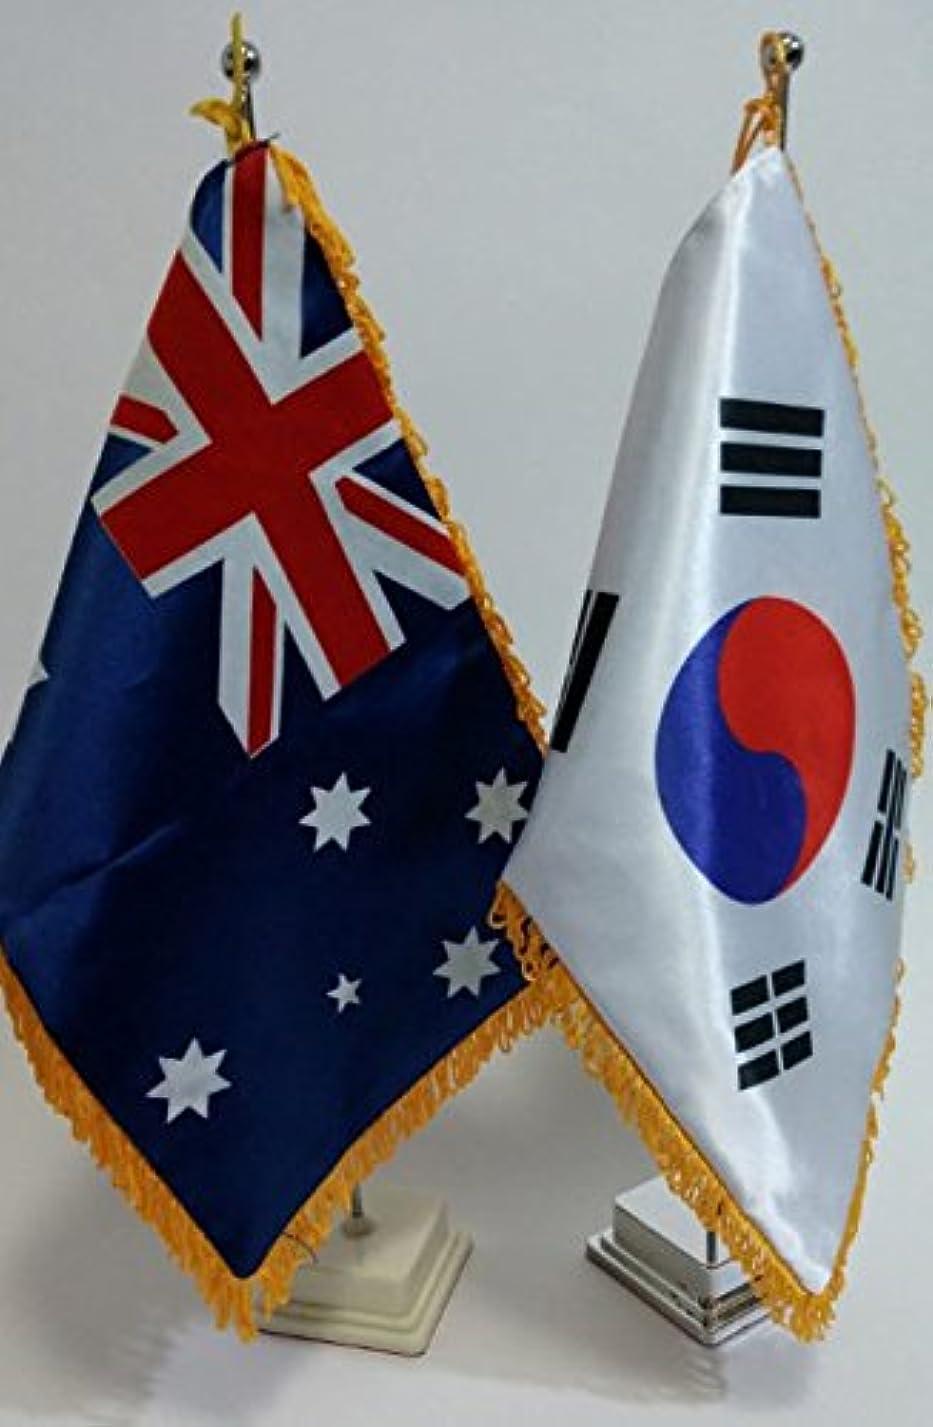 タイプ舞い上がるかなりの高級、ミニフラッグ国旗立てセット,ミニ世界国旗販売